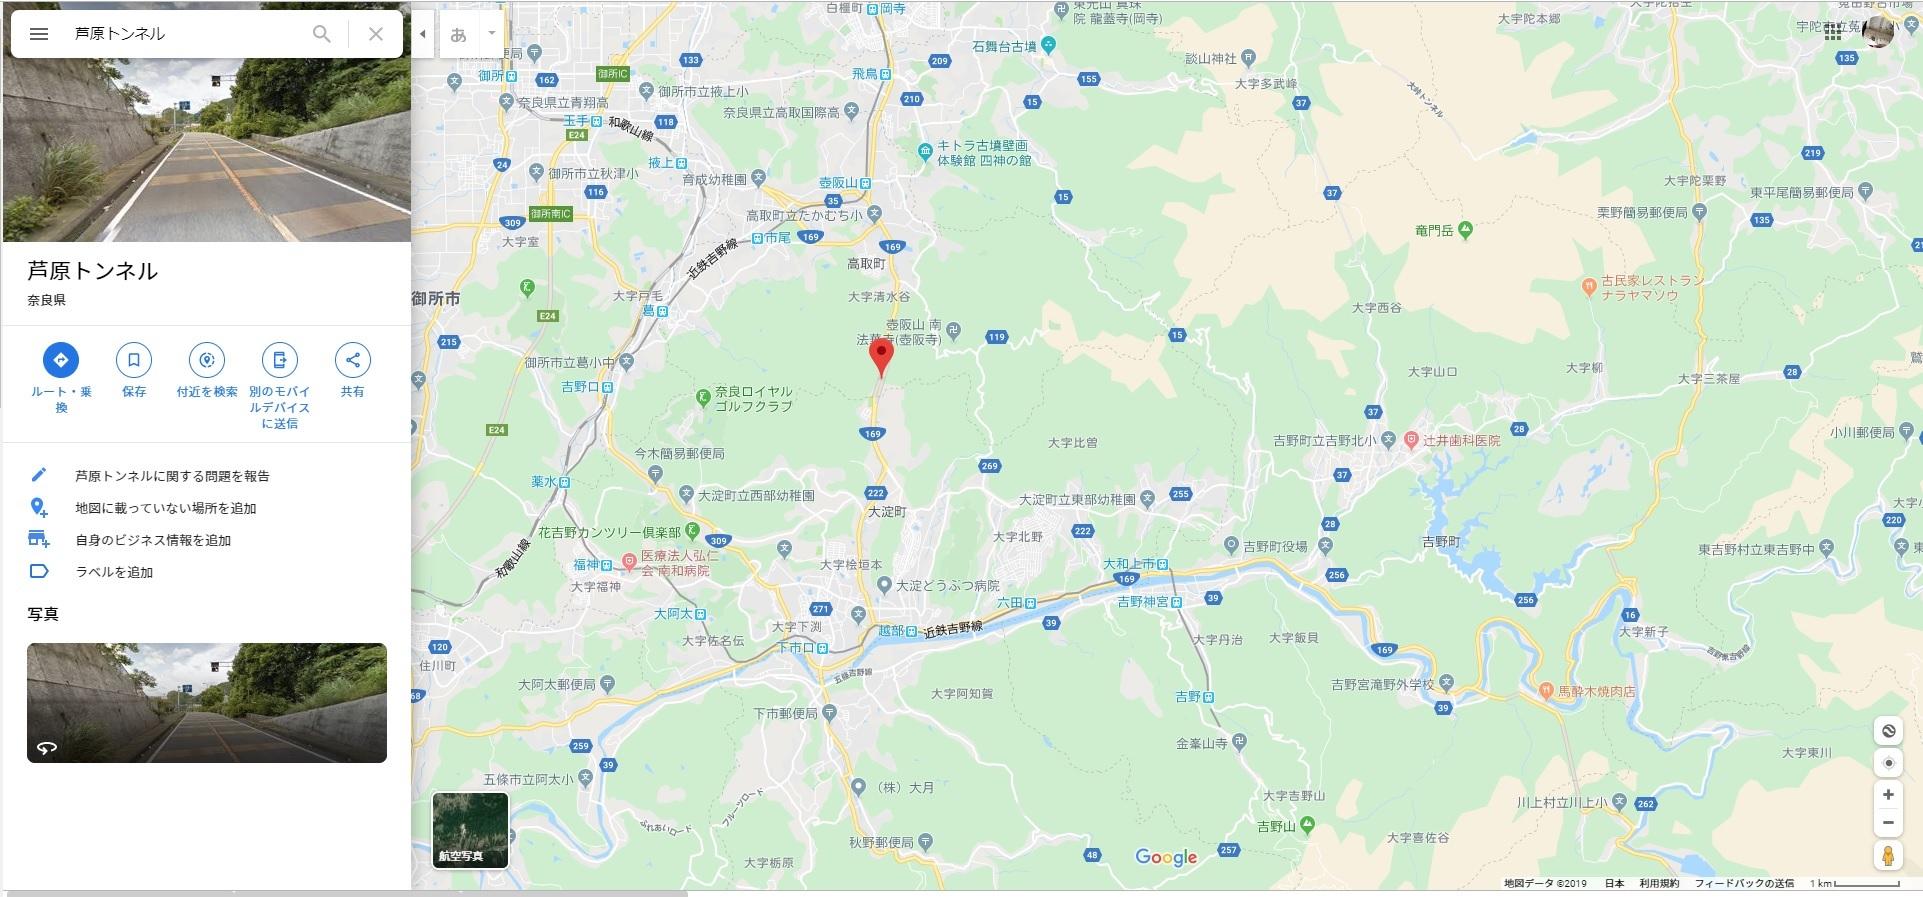 【注意】国道169号線の芦原トンネル(吉野向き)が通行止めになっています。_e0154524_07400500.jpg